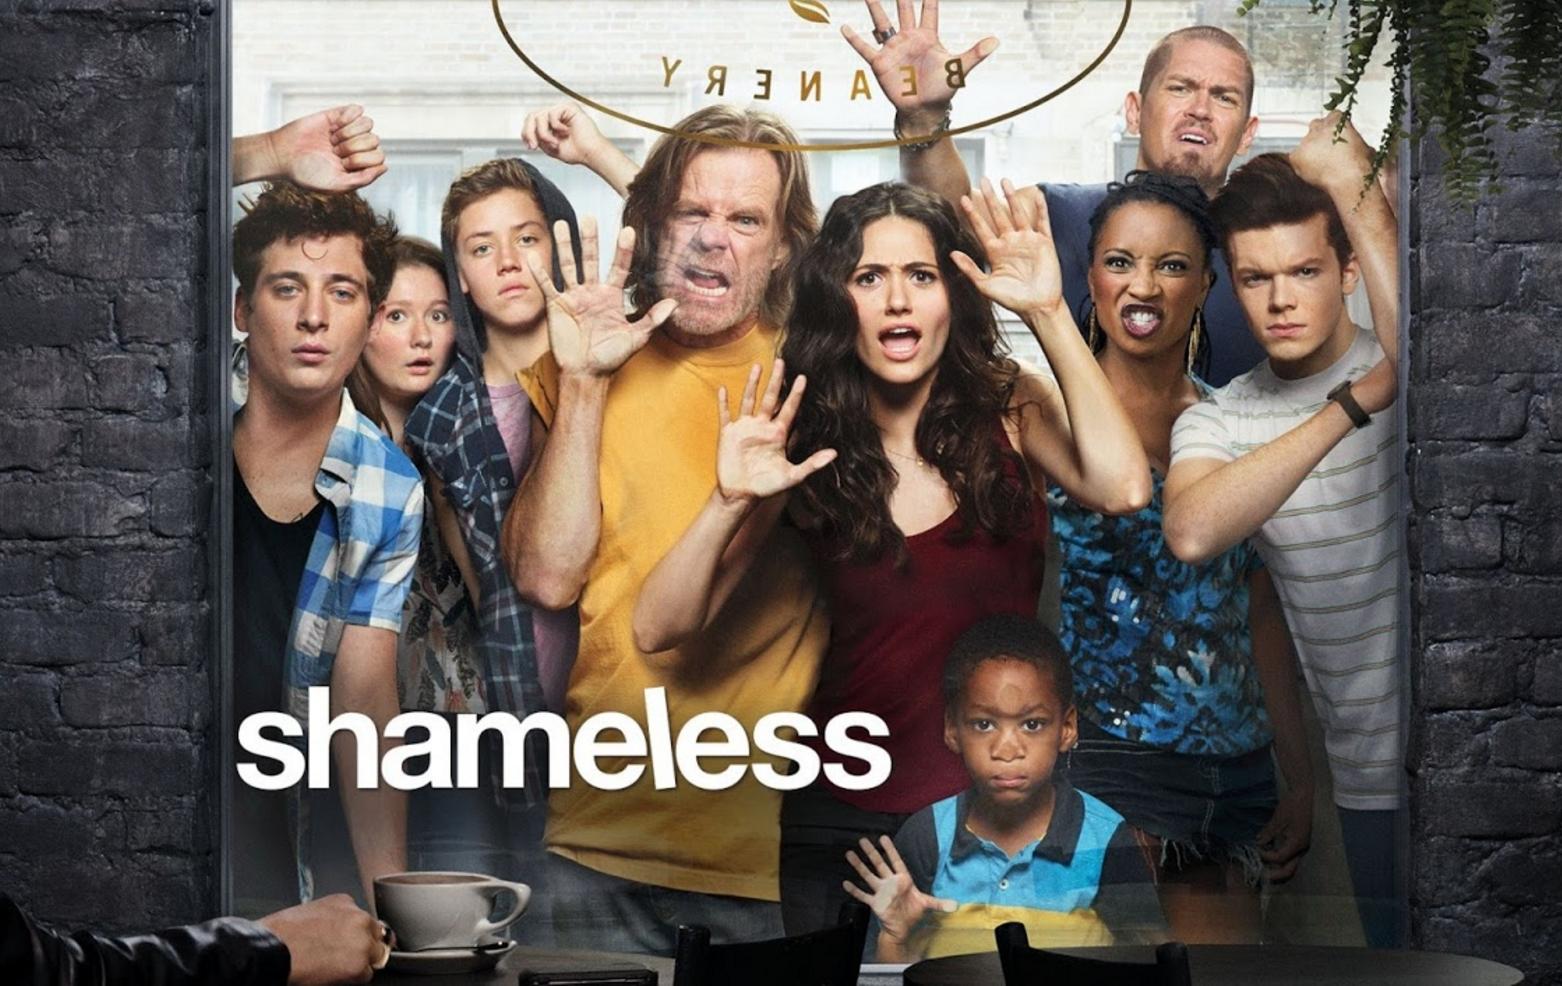 ACOA on TV - Shameless